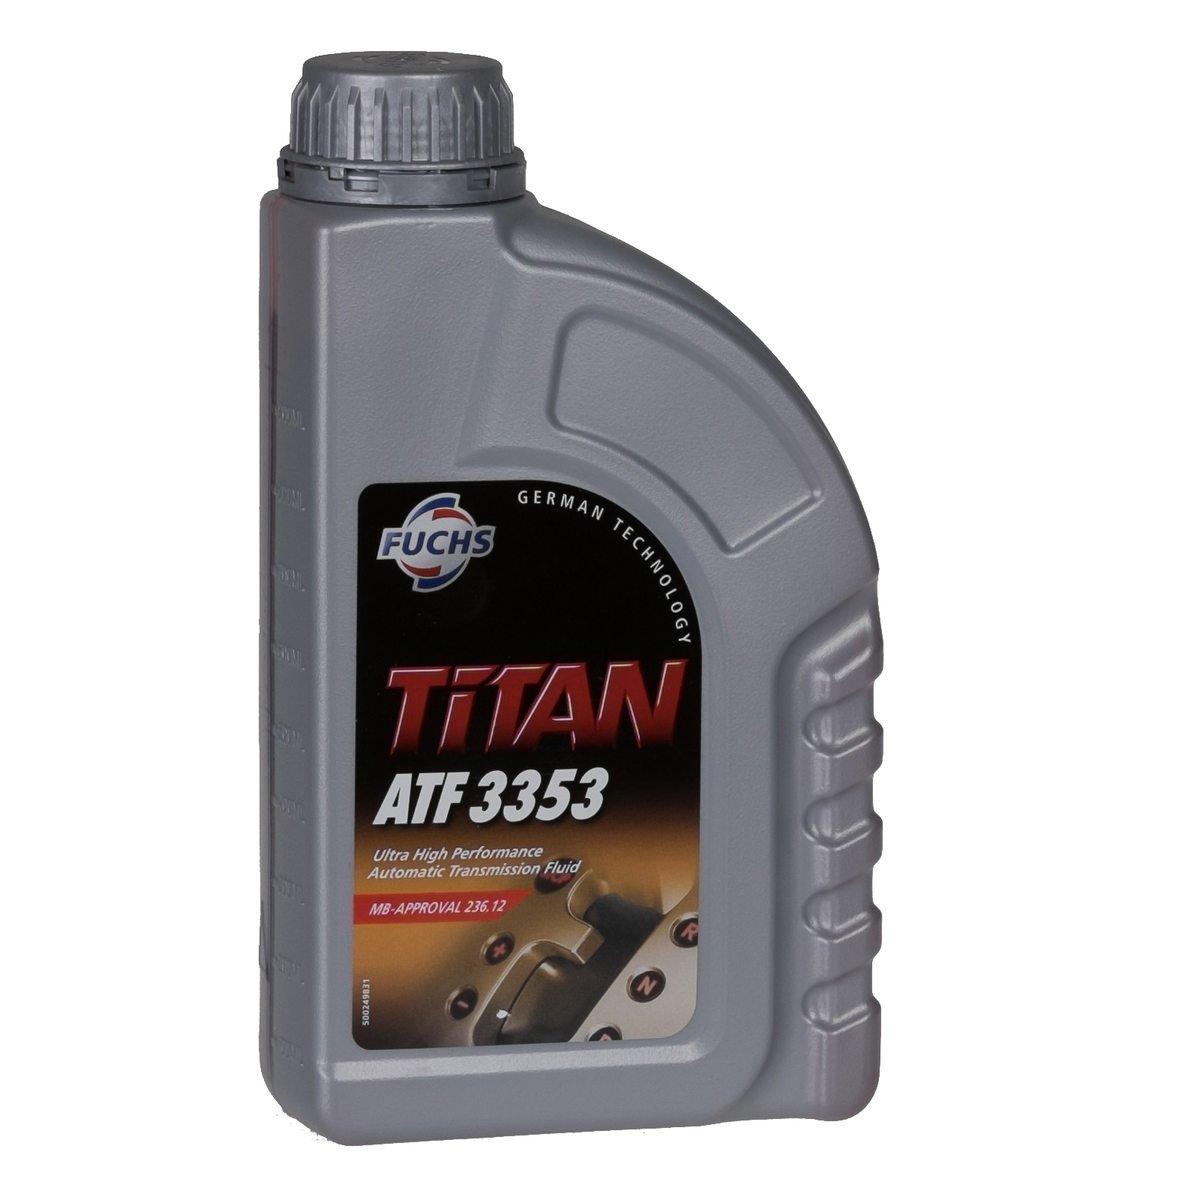 FUCHS Getriebeö l Automatikgetriebeö l TITAN ATF 3353 1L 1 Liter MB 236.12